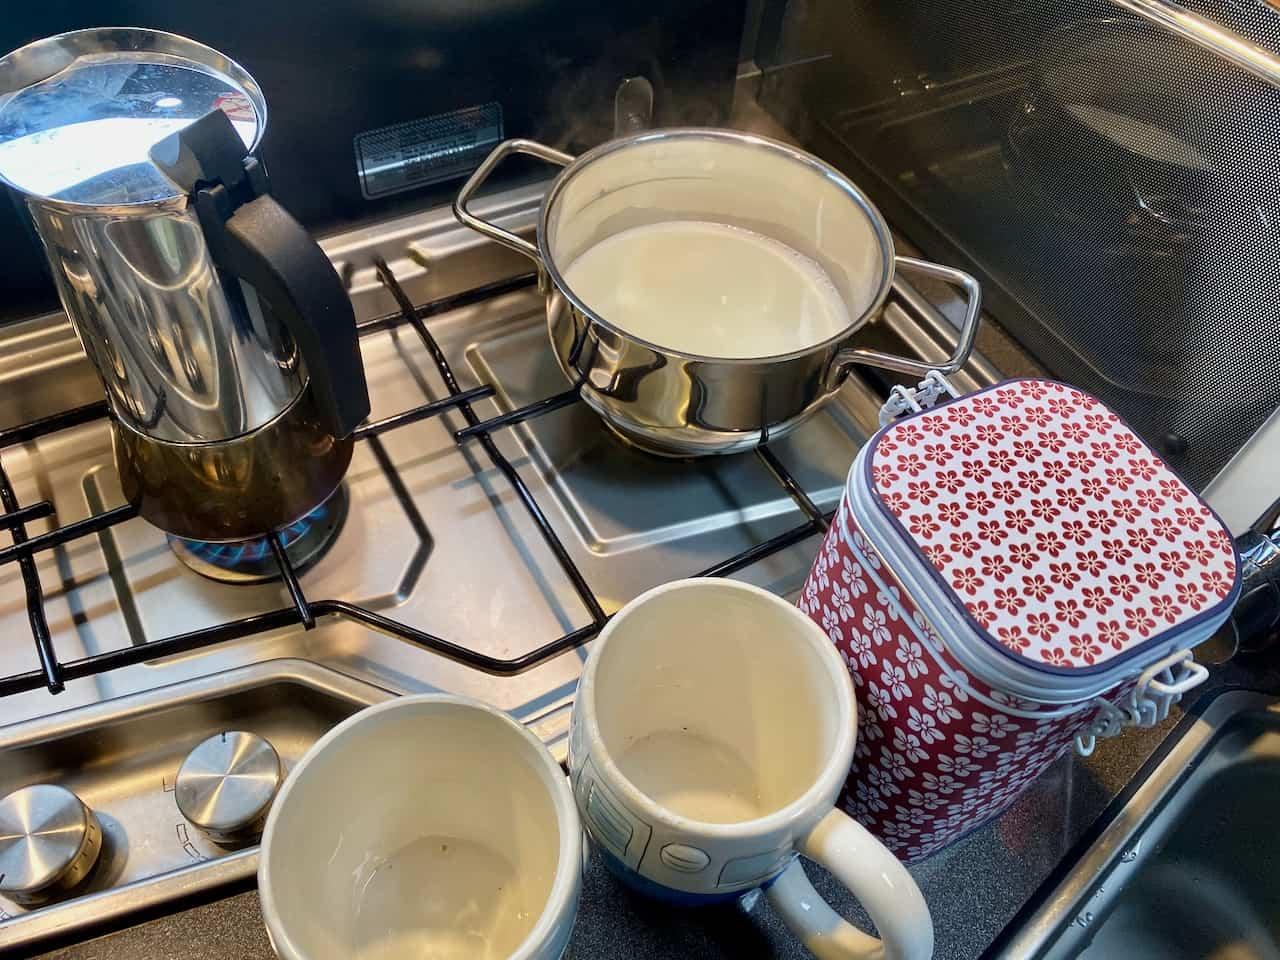 Camping-und-Kaffee-aus-der-Bialetti-Venus-Milch-am-warm-werden